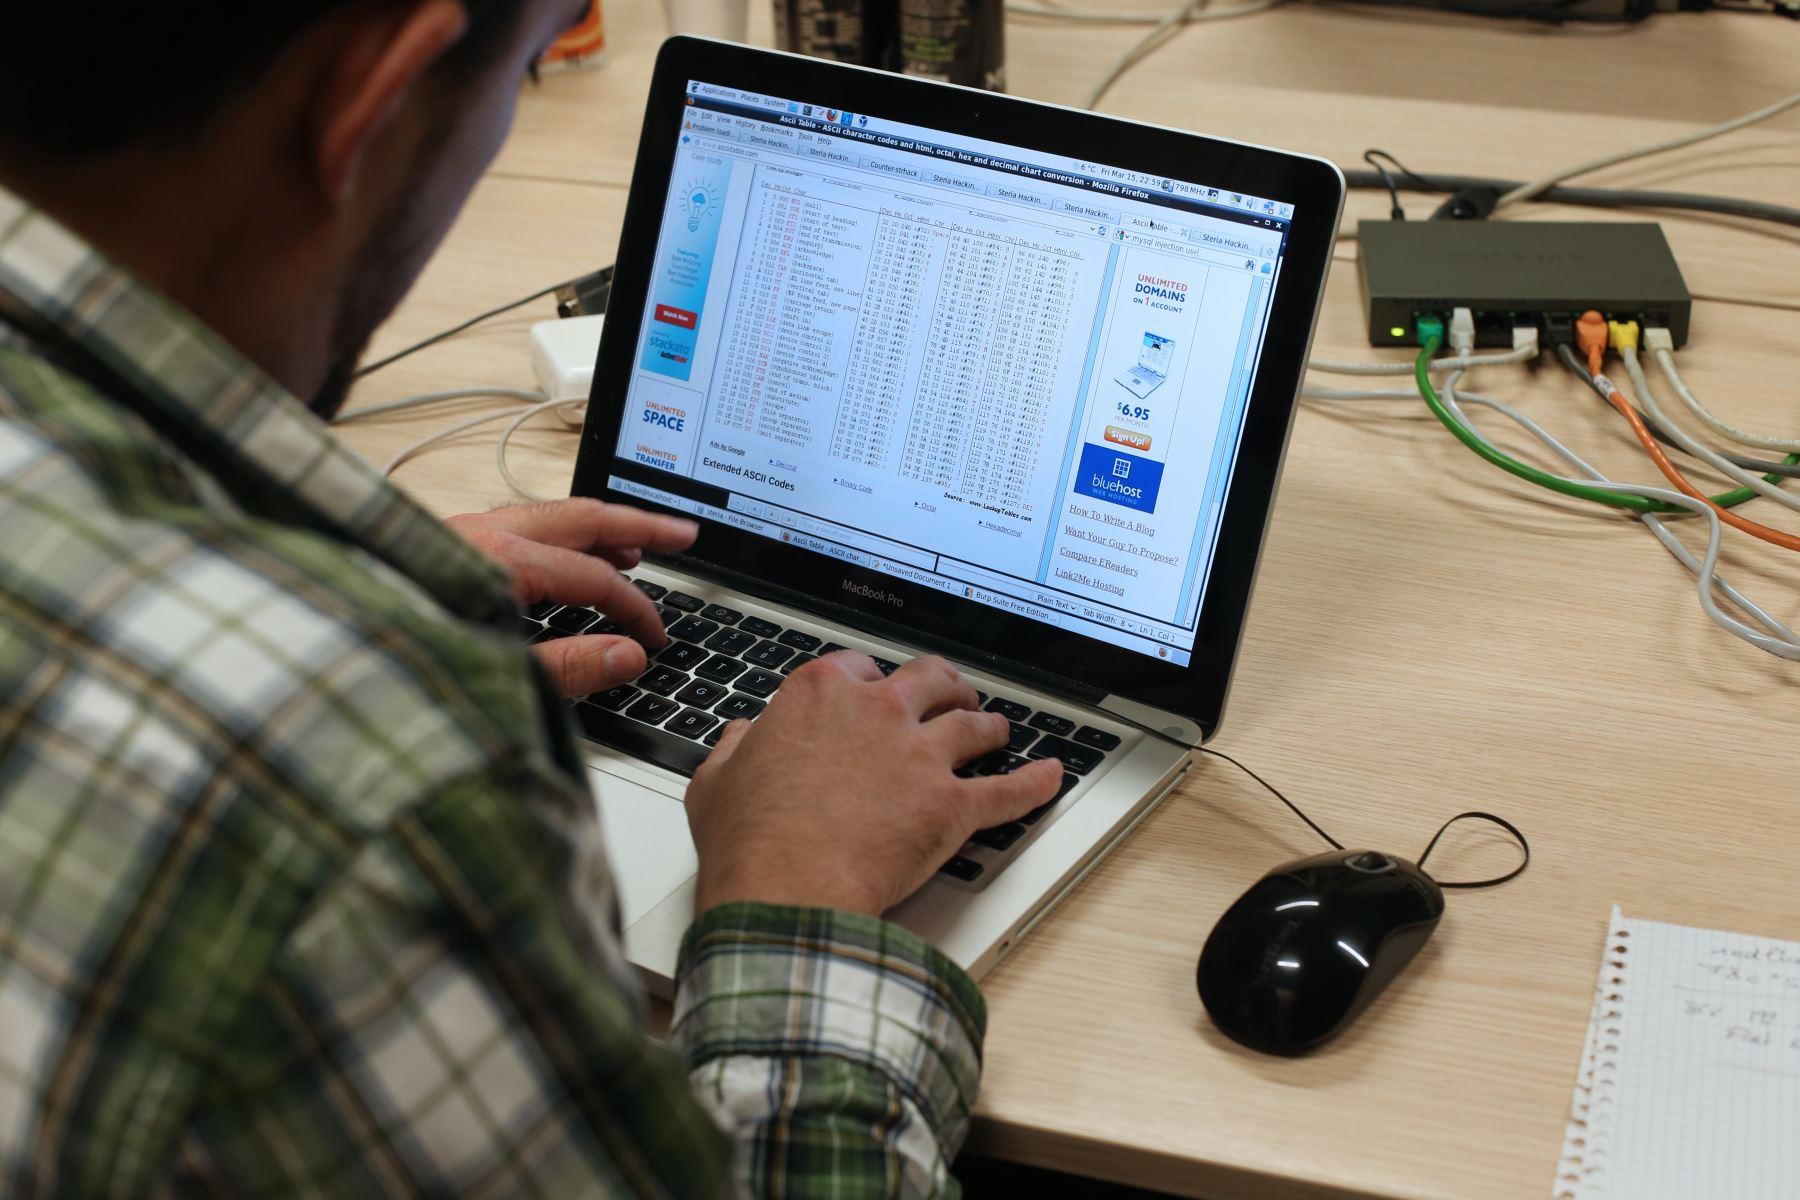 Ciberdelincuentes pueden aprovechar vulnerabilidades de empresas y robar datos sensibles de clientes de sus bancos de datos. Foto: AFP.